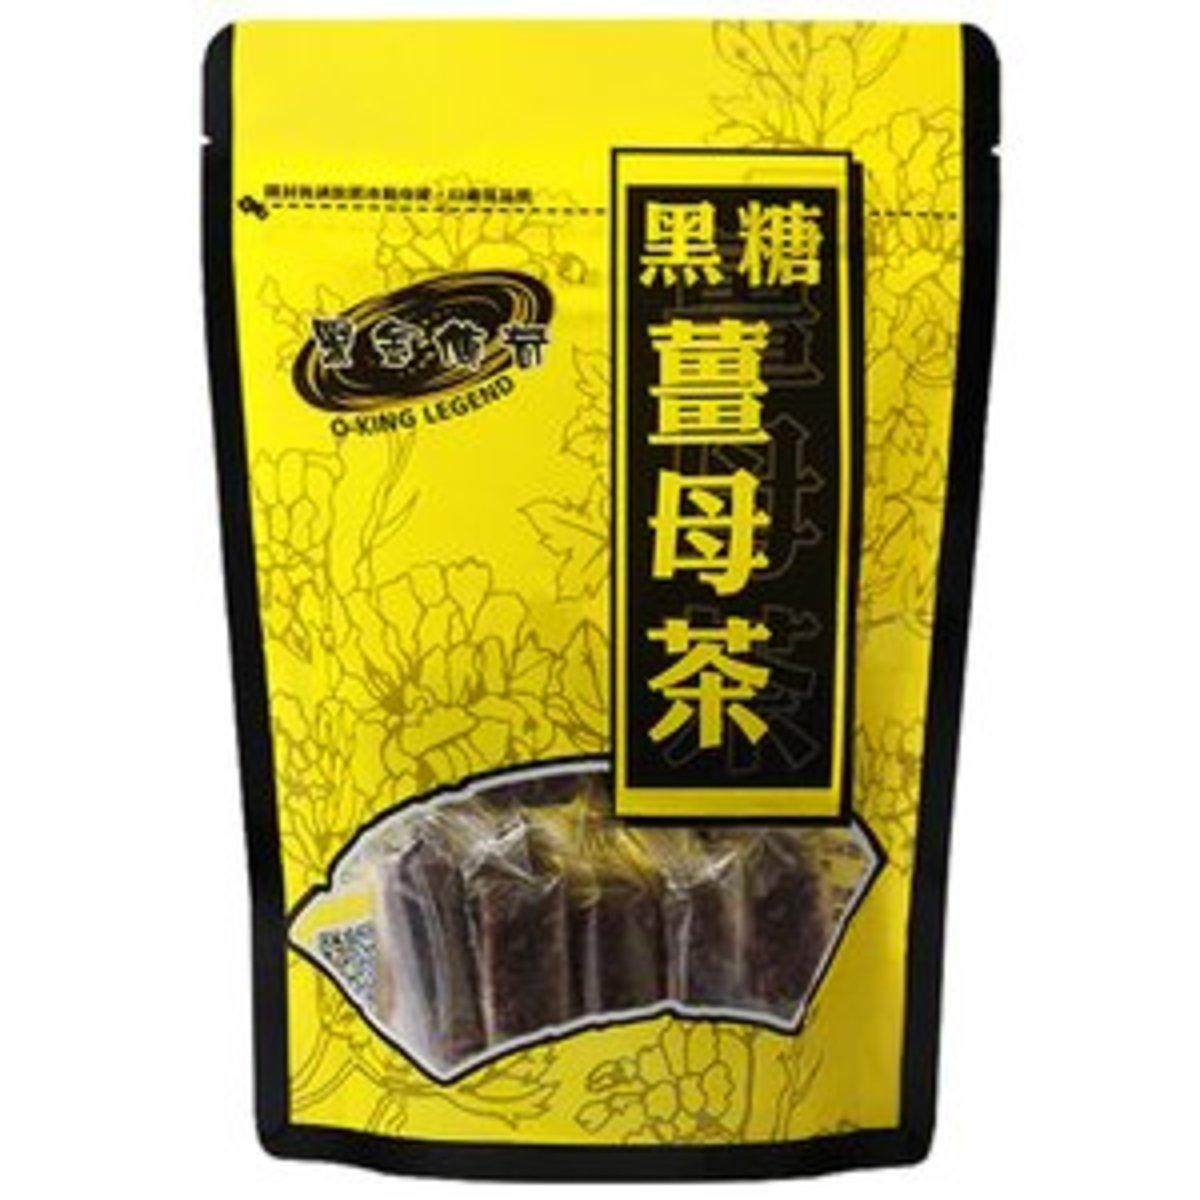 台灣黑金傳奇4合1 黑糖薑母茶 480g